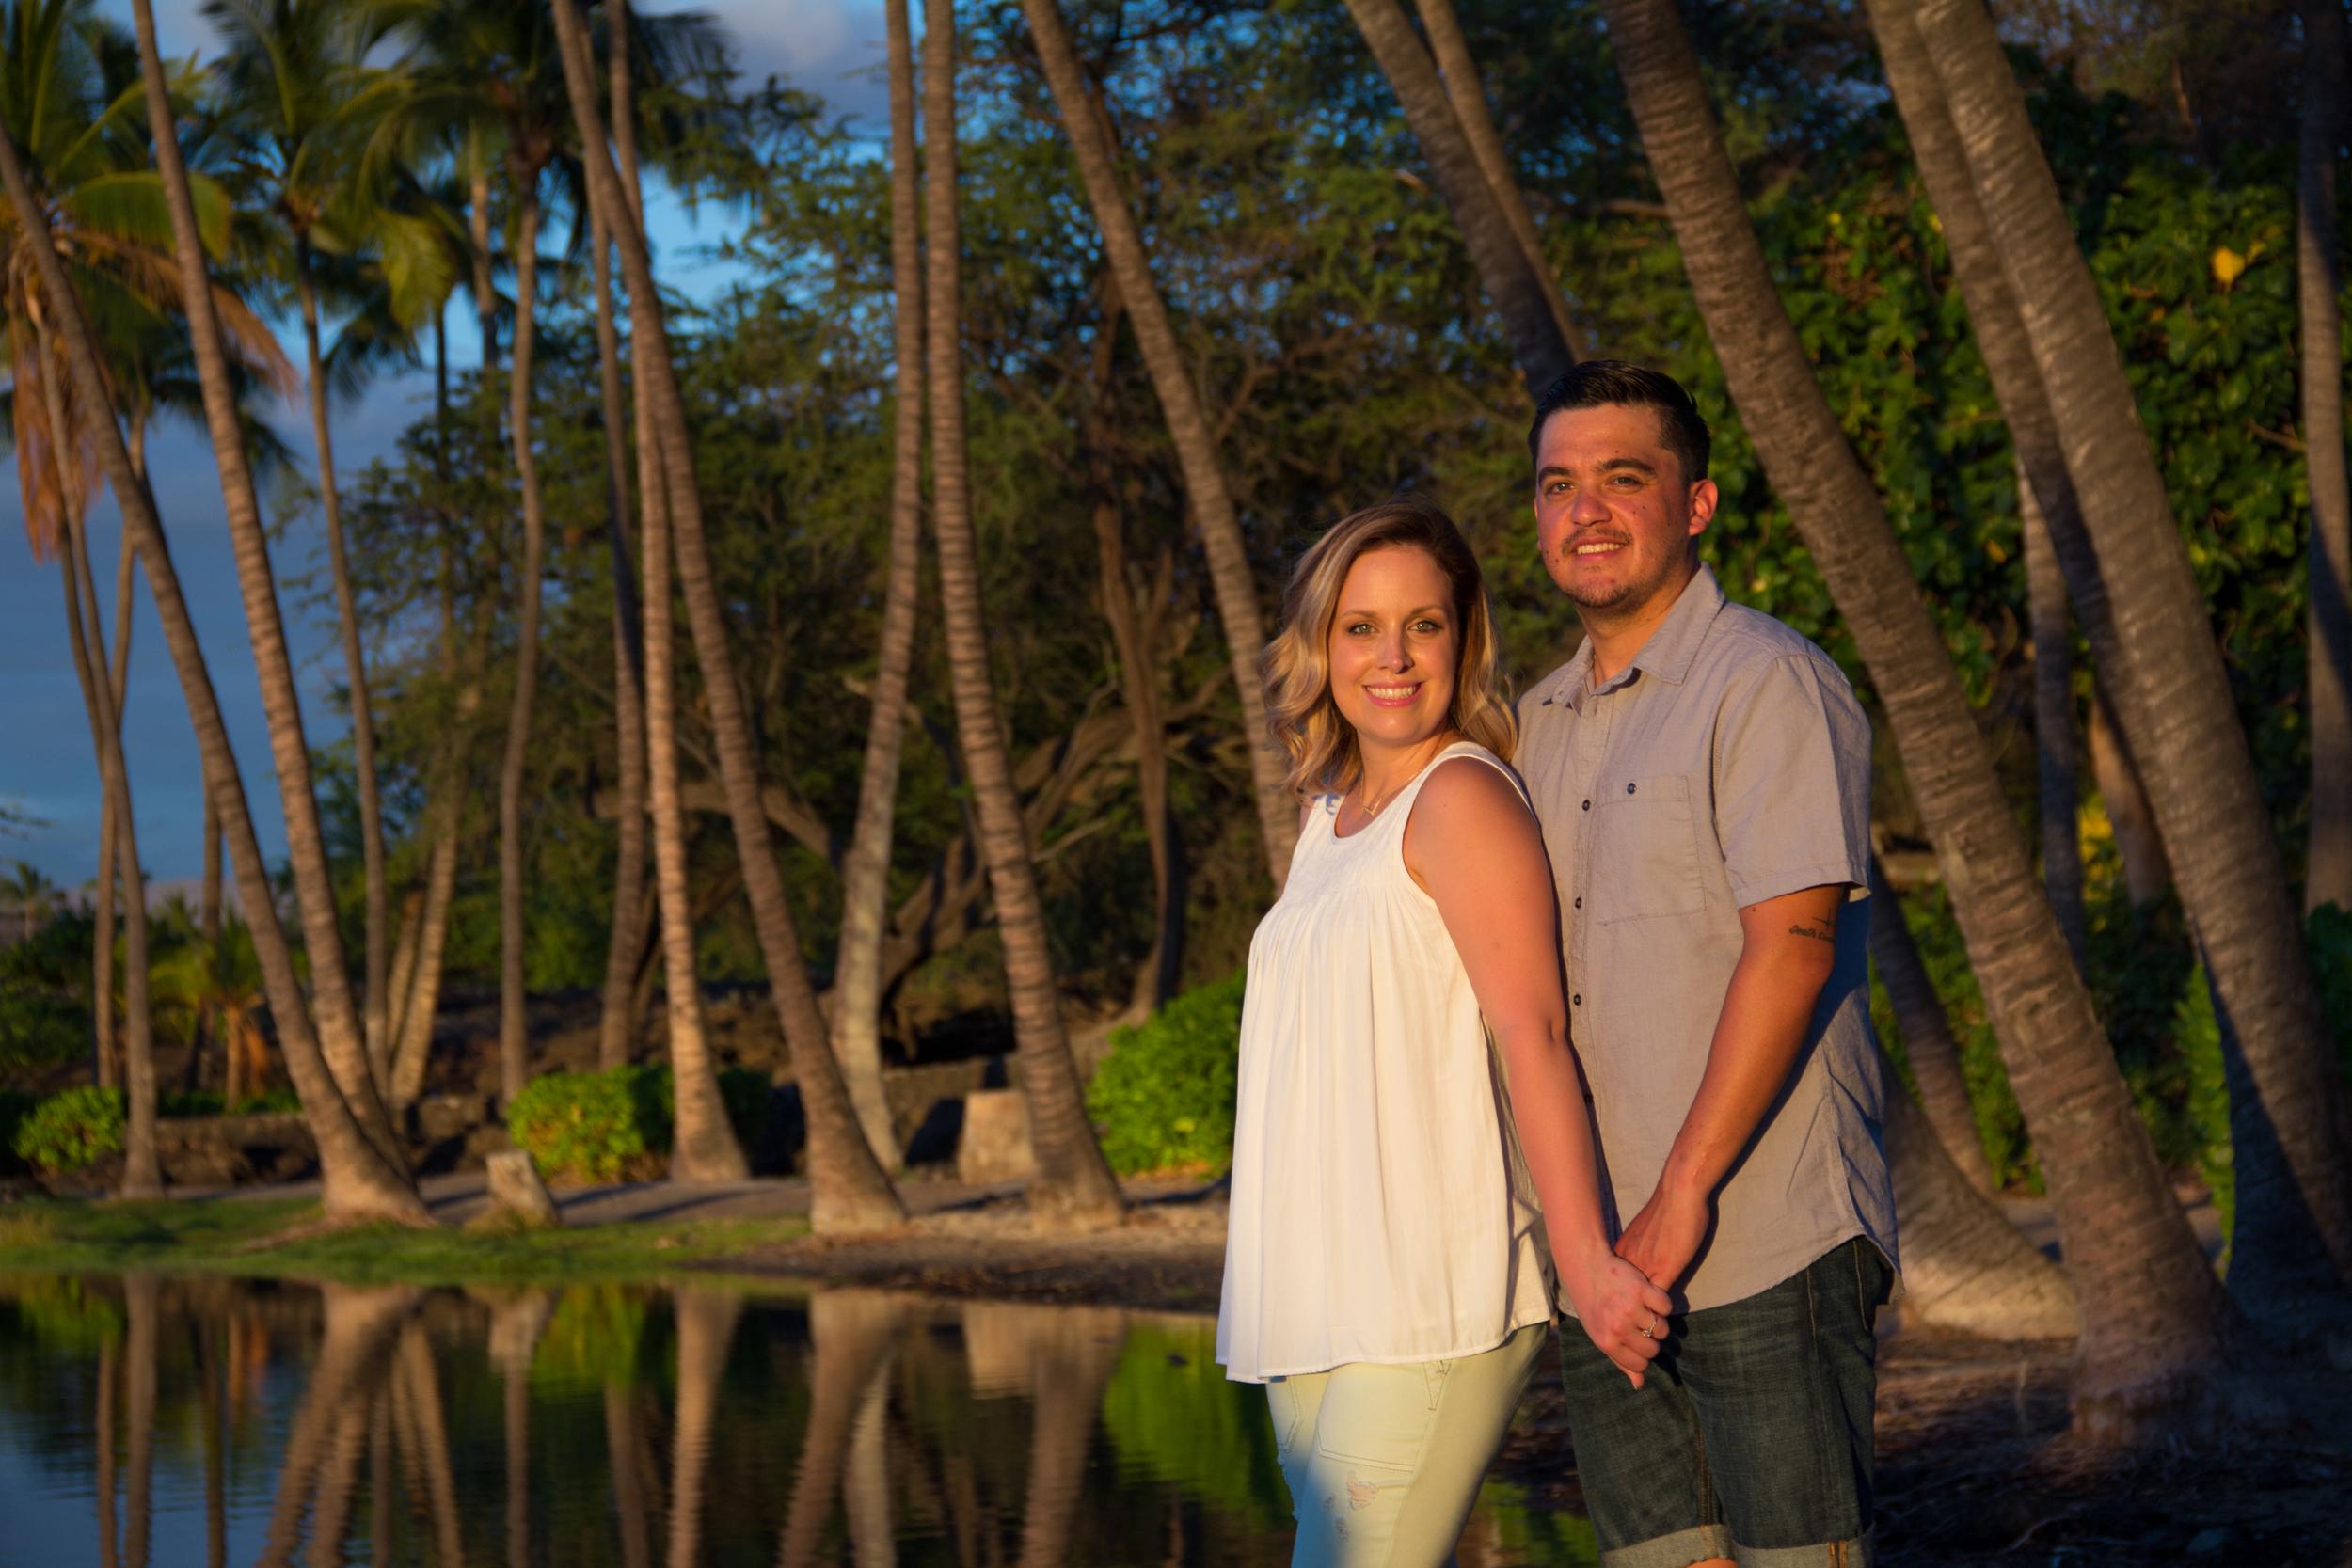 big island hawaii engagement photography 20150529184438-1.jpg